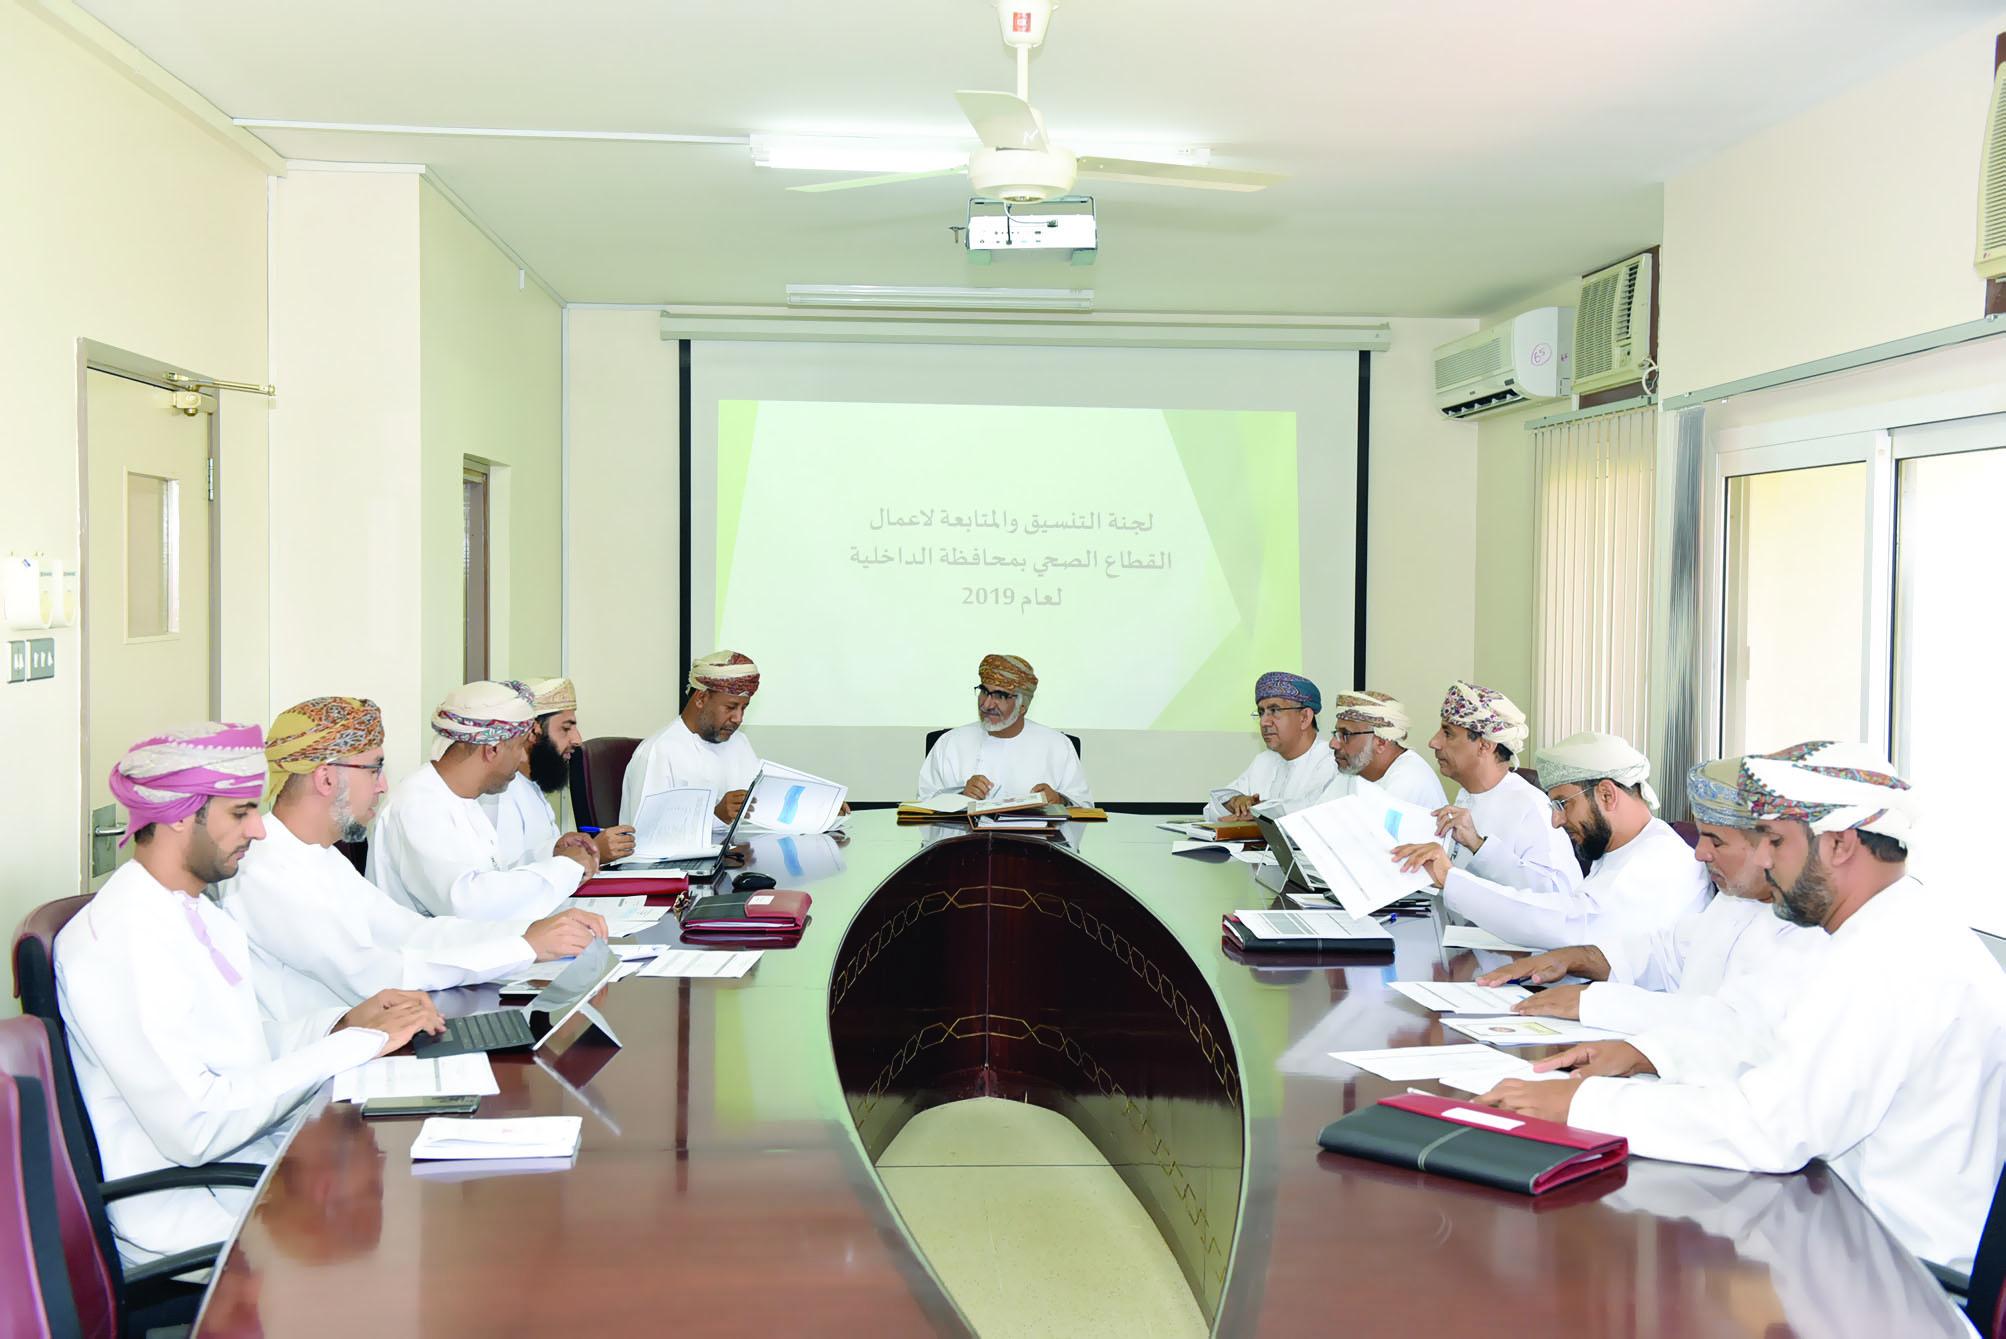 لجنة متابعة الخدمات الصحية بالداخلية تناقش التحديات والمعوقات